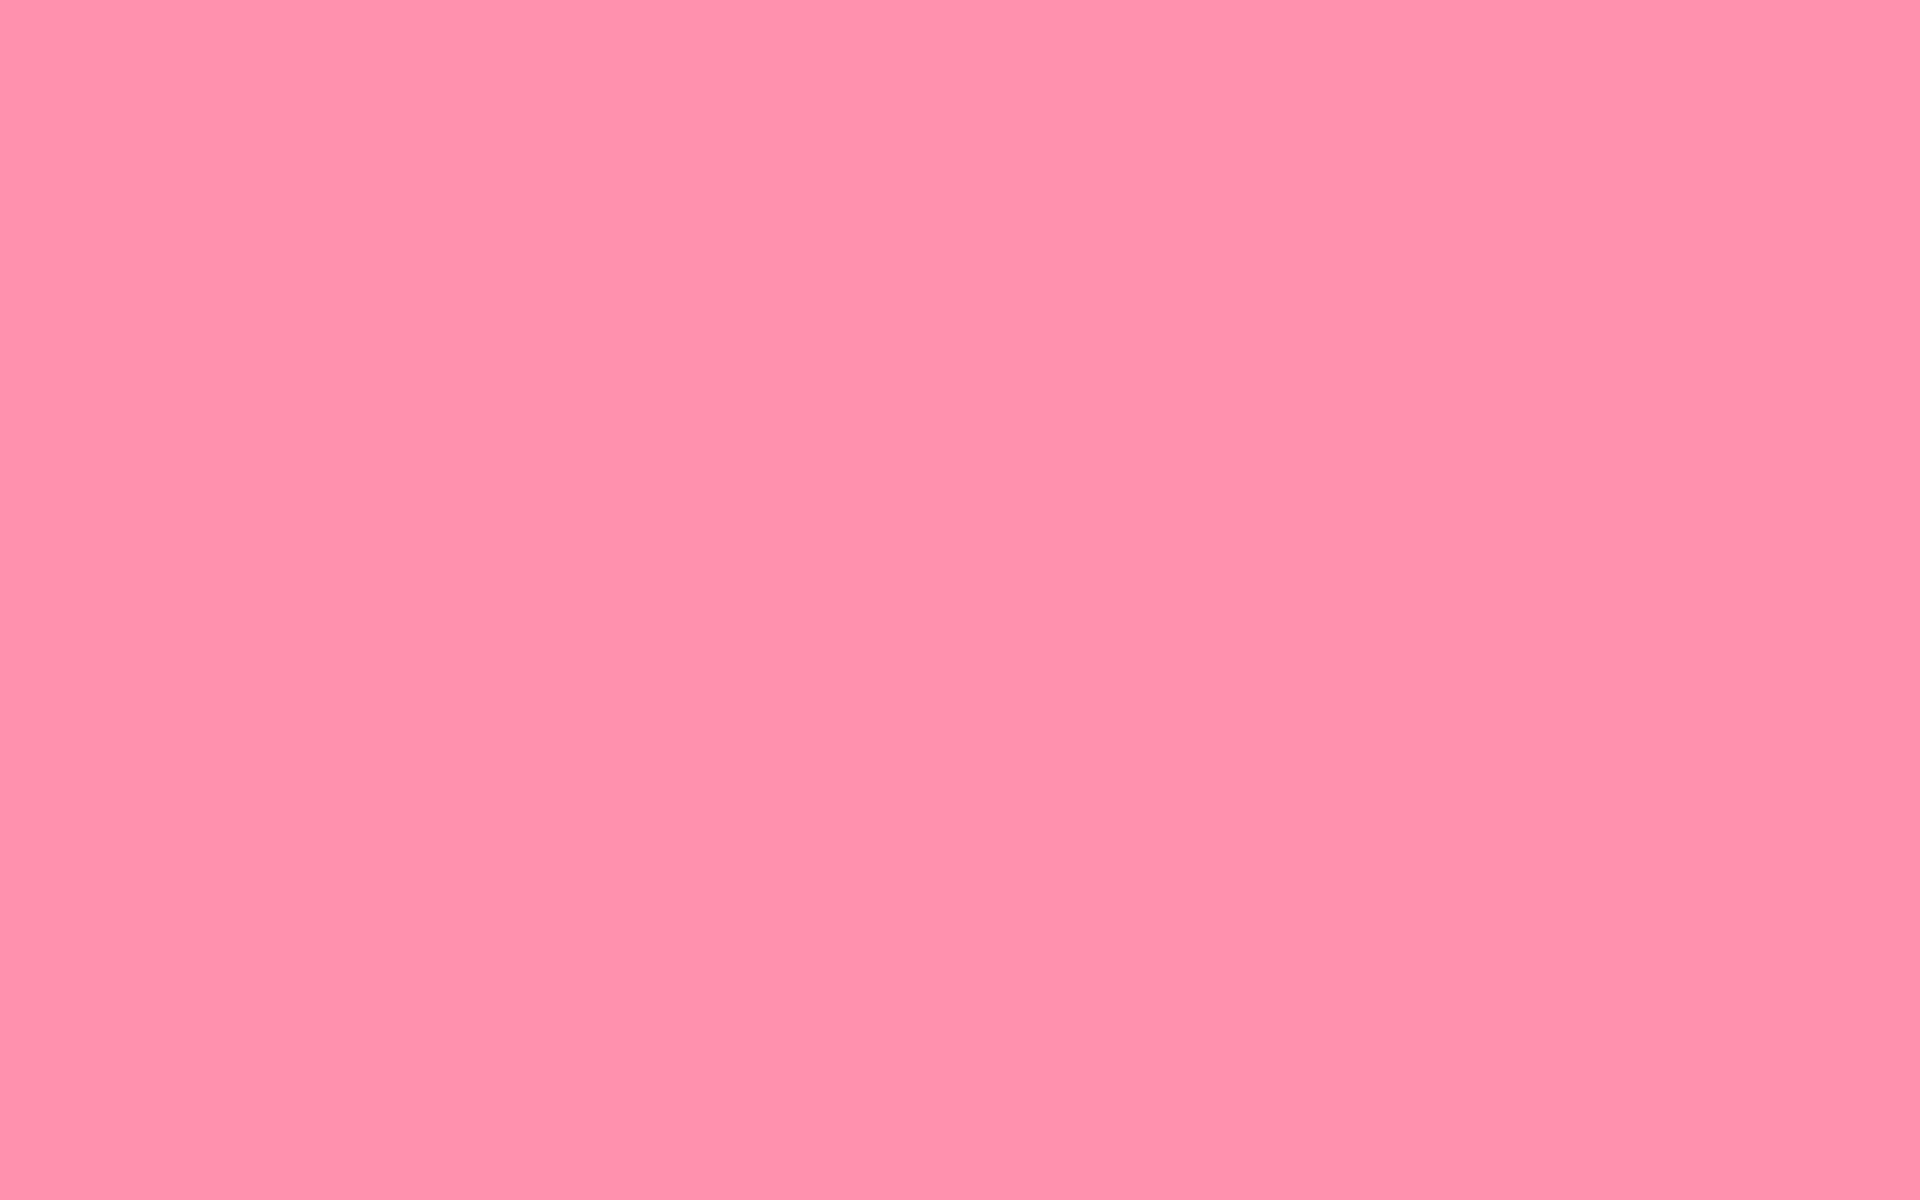 1920x1200 Baker-Miller Pink Solid Color Background